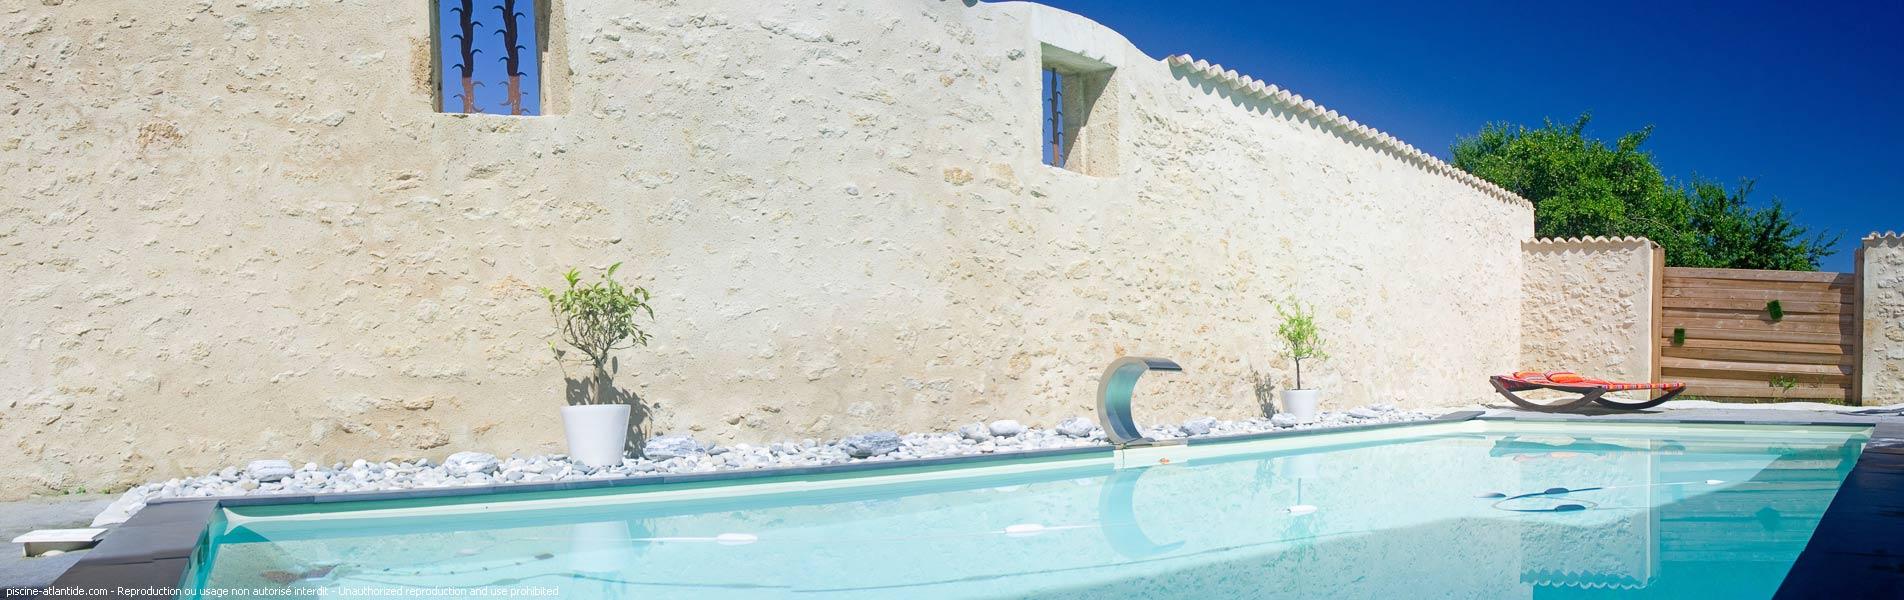 Cash piscine langon devis pour une piscine with cash for Cash piscine lescar